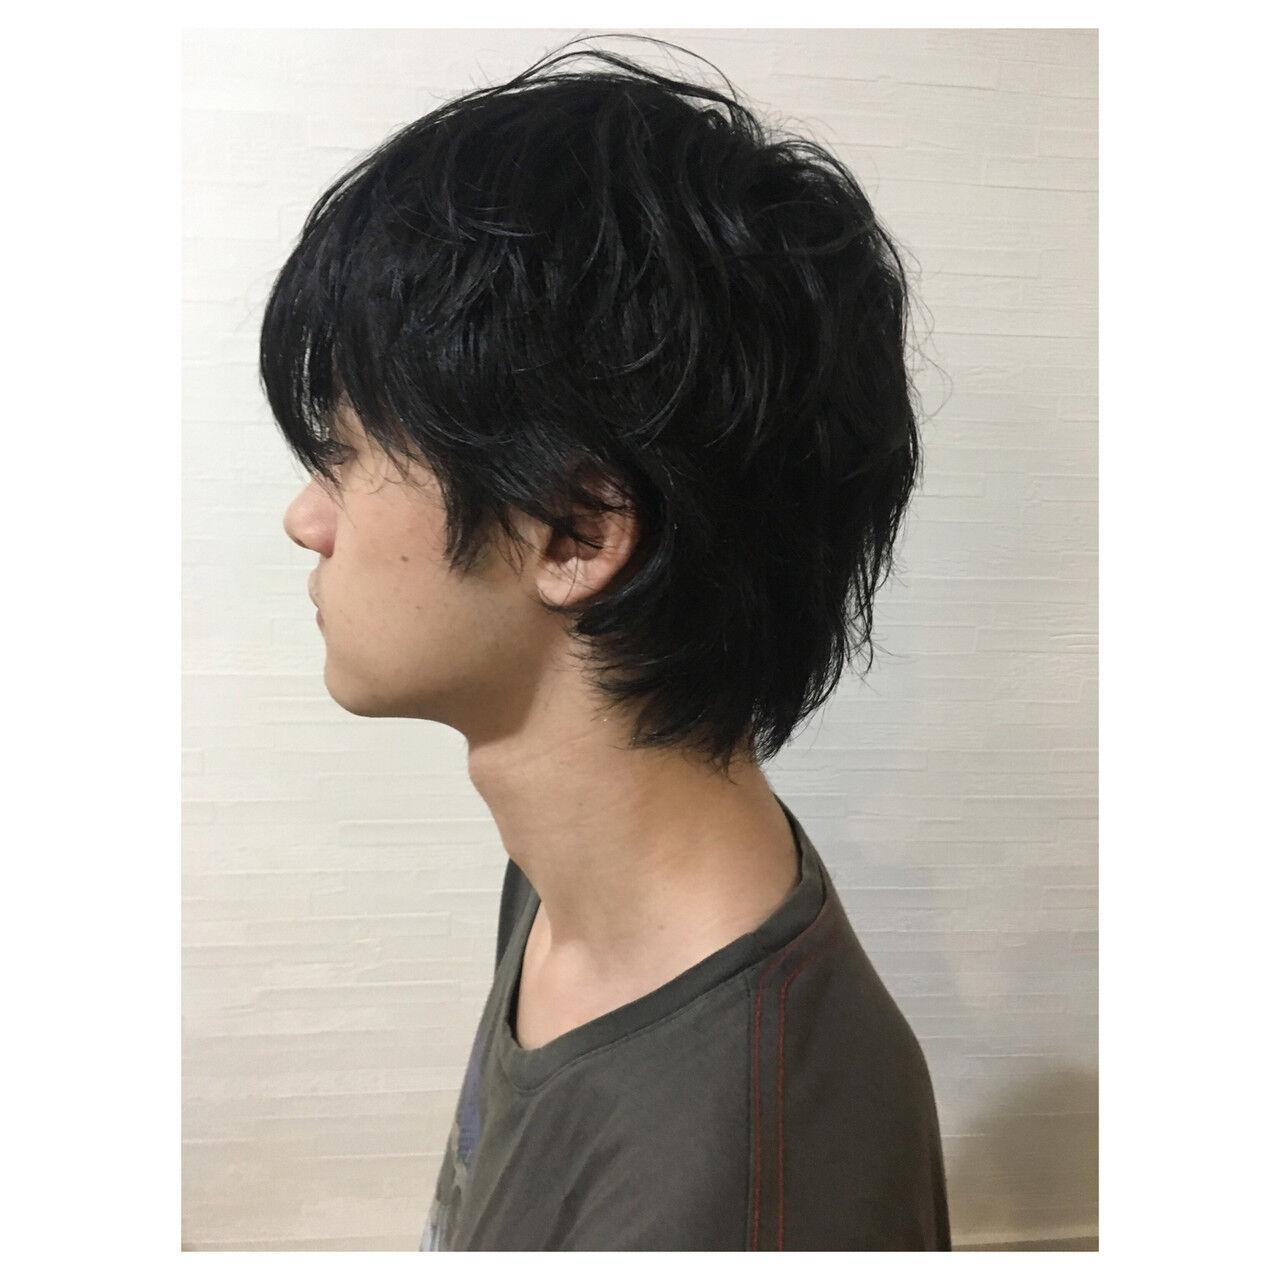 ウルフカット ショート マッシュウルフ メンズカットヘアスタイルや髪型の写真・画像